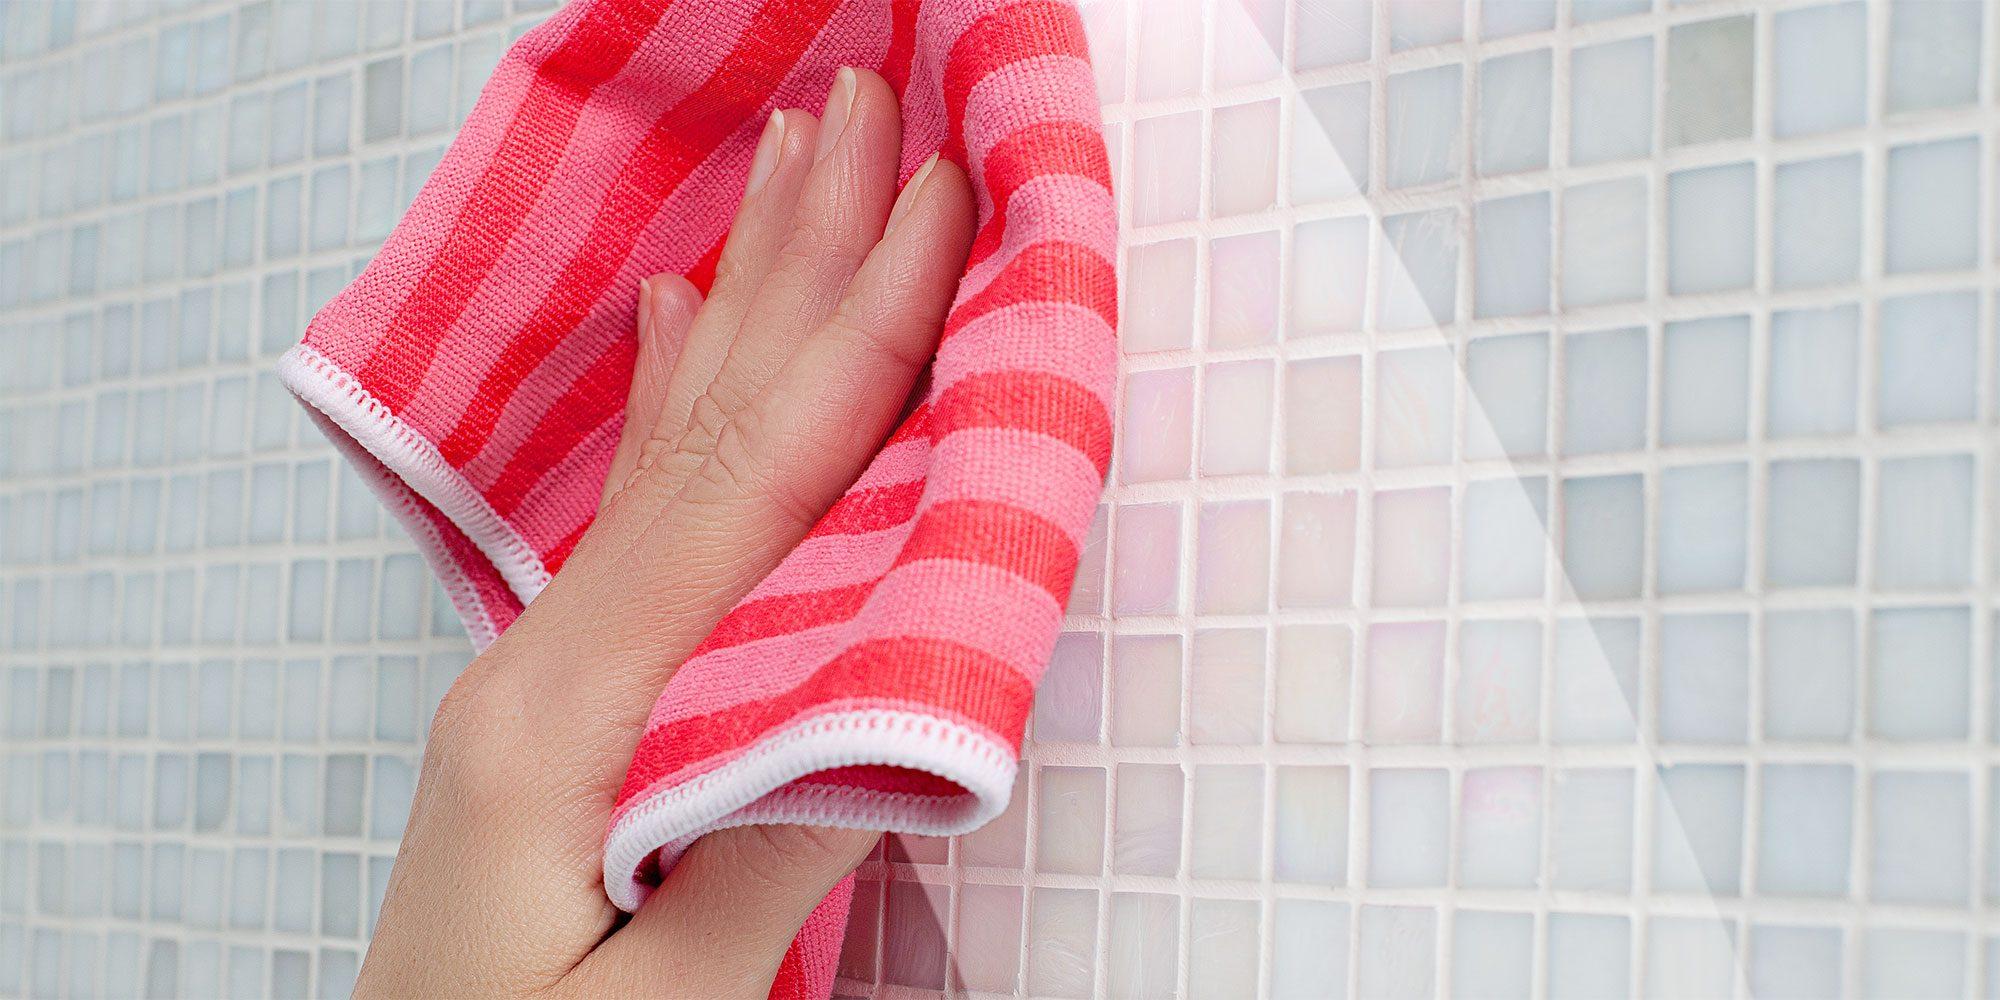 Badrumsduk/Dathroom cloth – Smart Microfiber